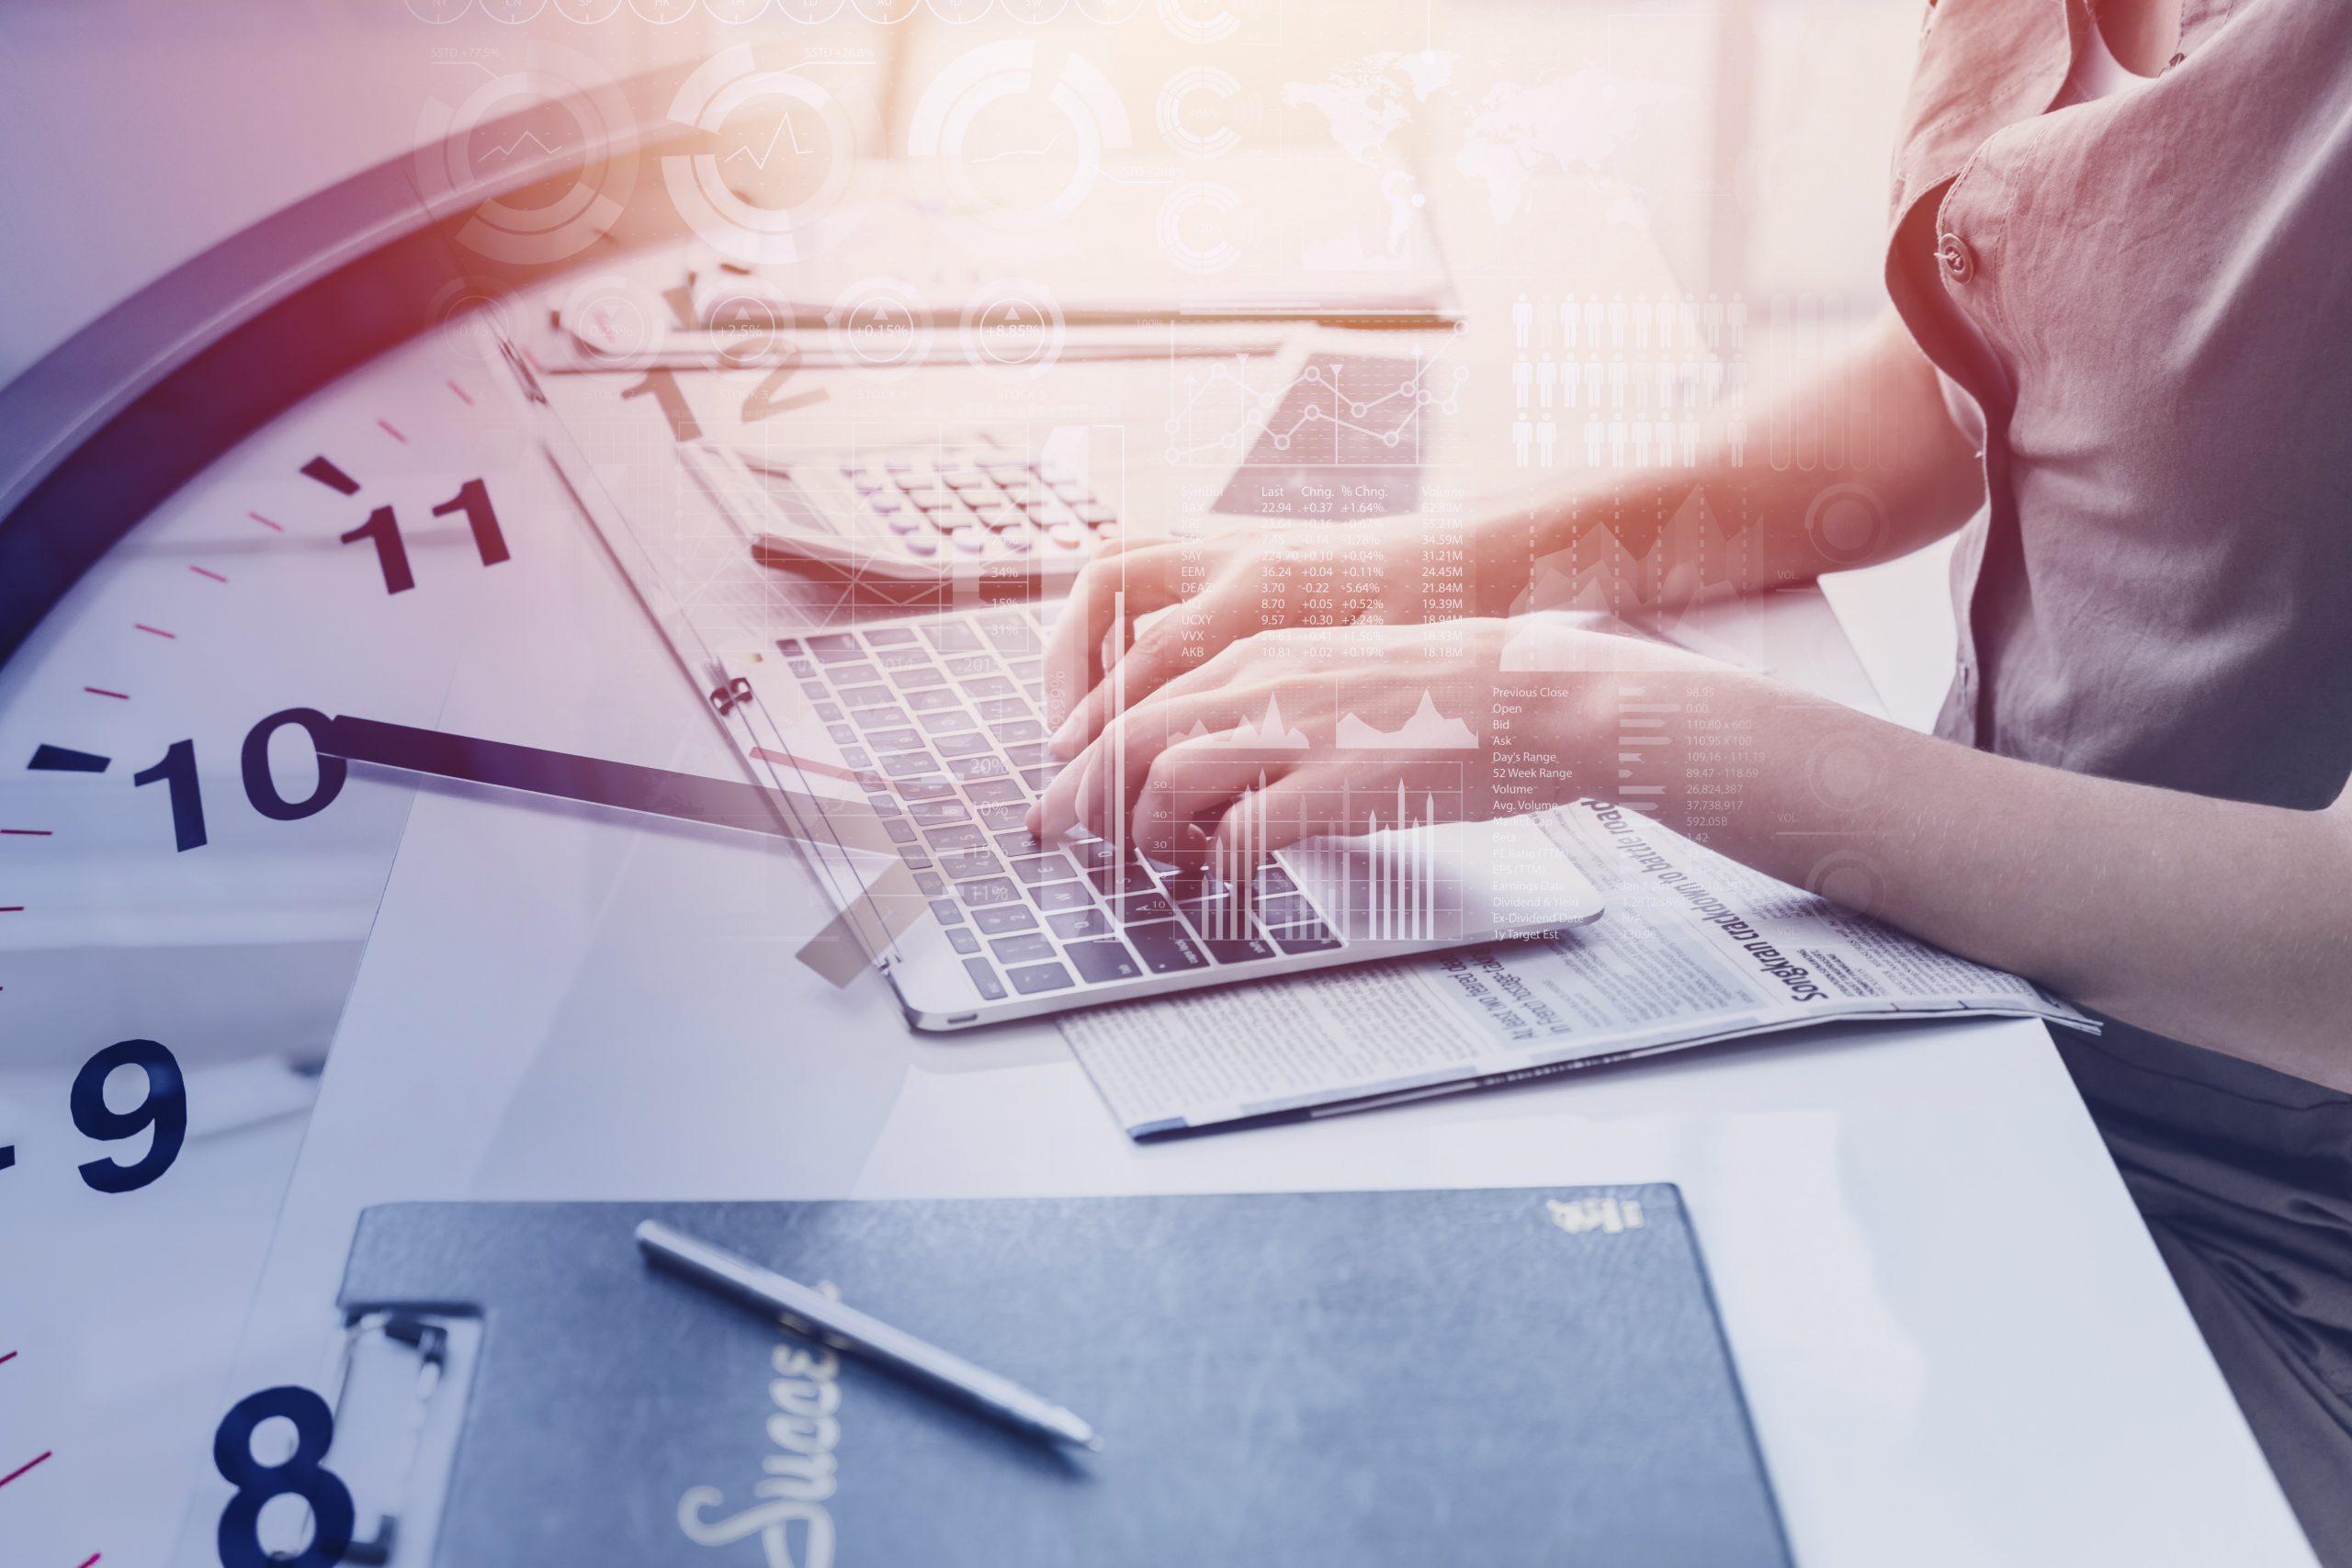 Forfait annuel en jours : la preuve du contrôle de la charge de travail repose sur l'employeur